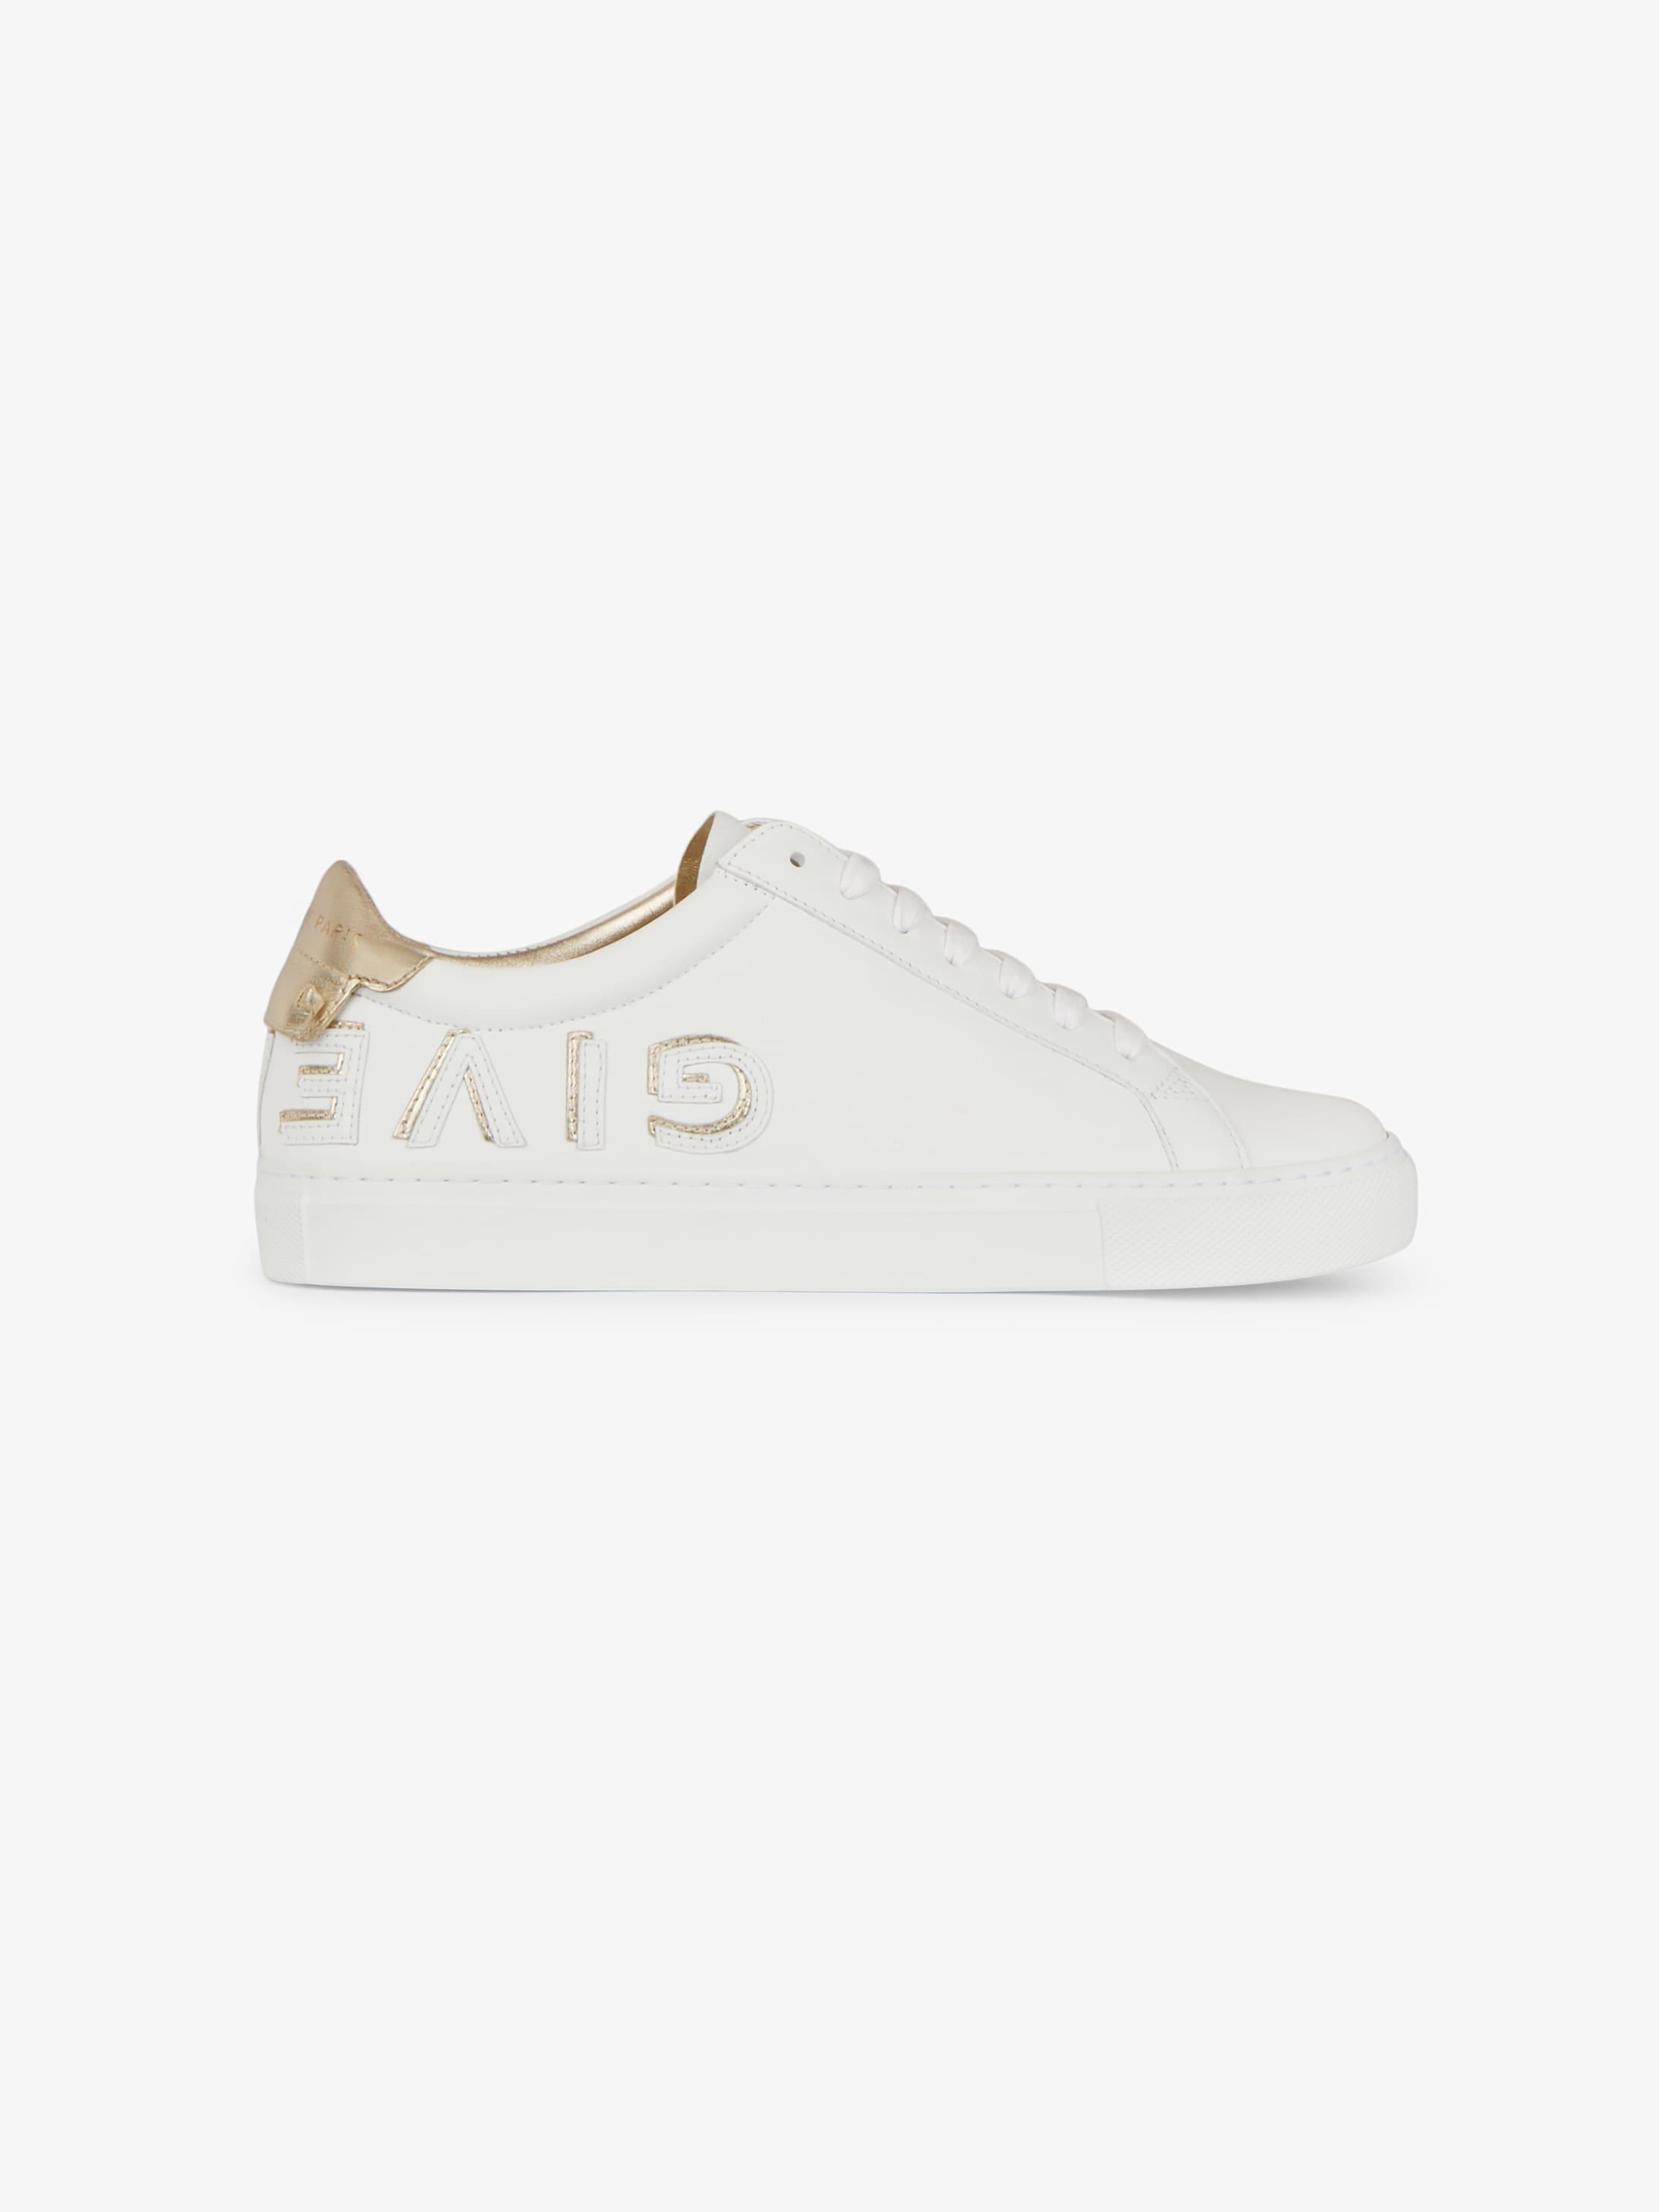 Sneaker con firma GIVENCHY capovolta